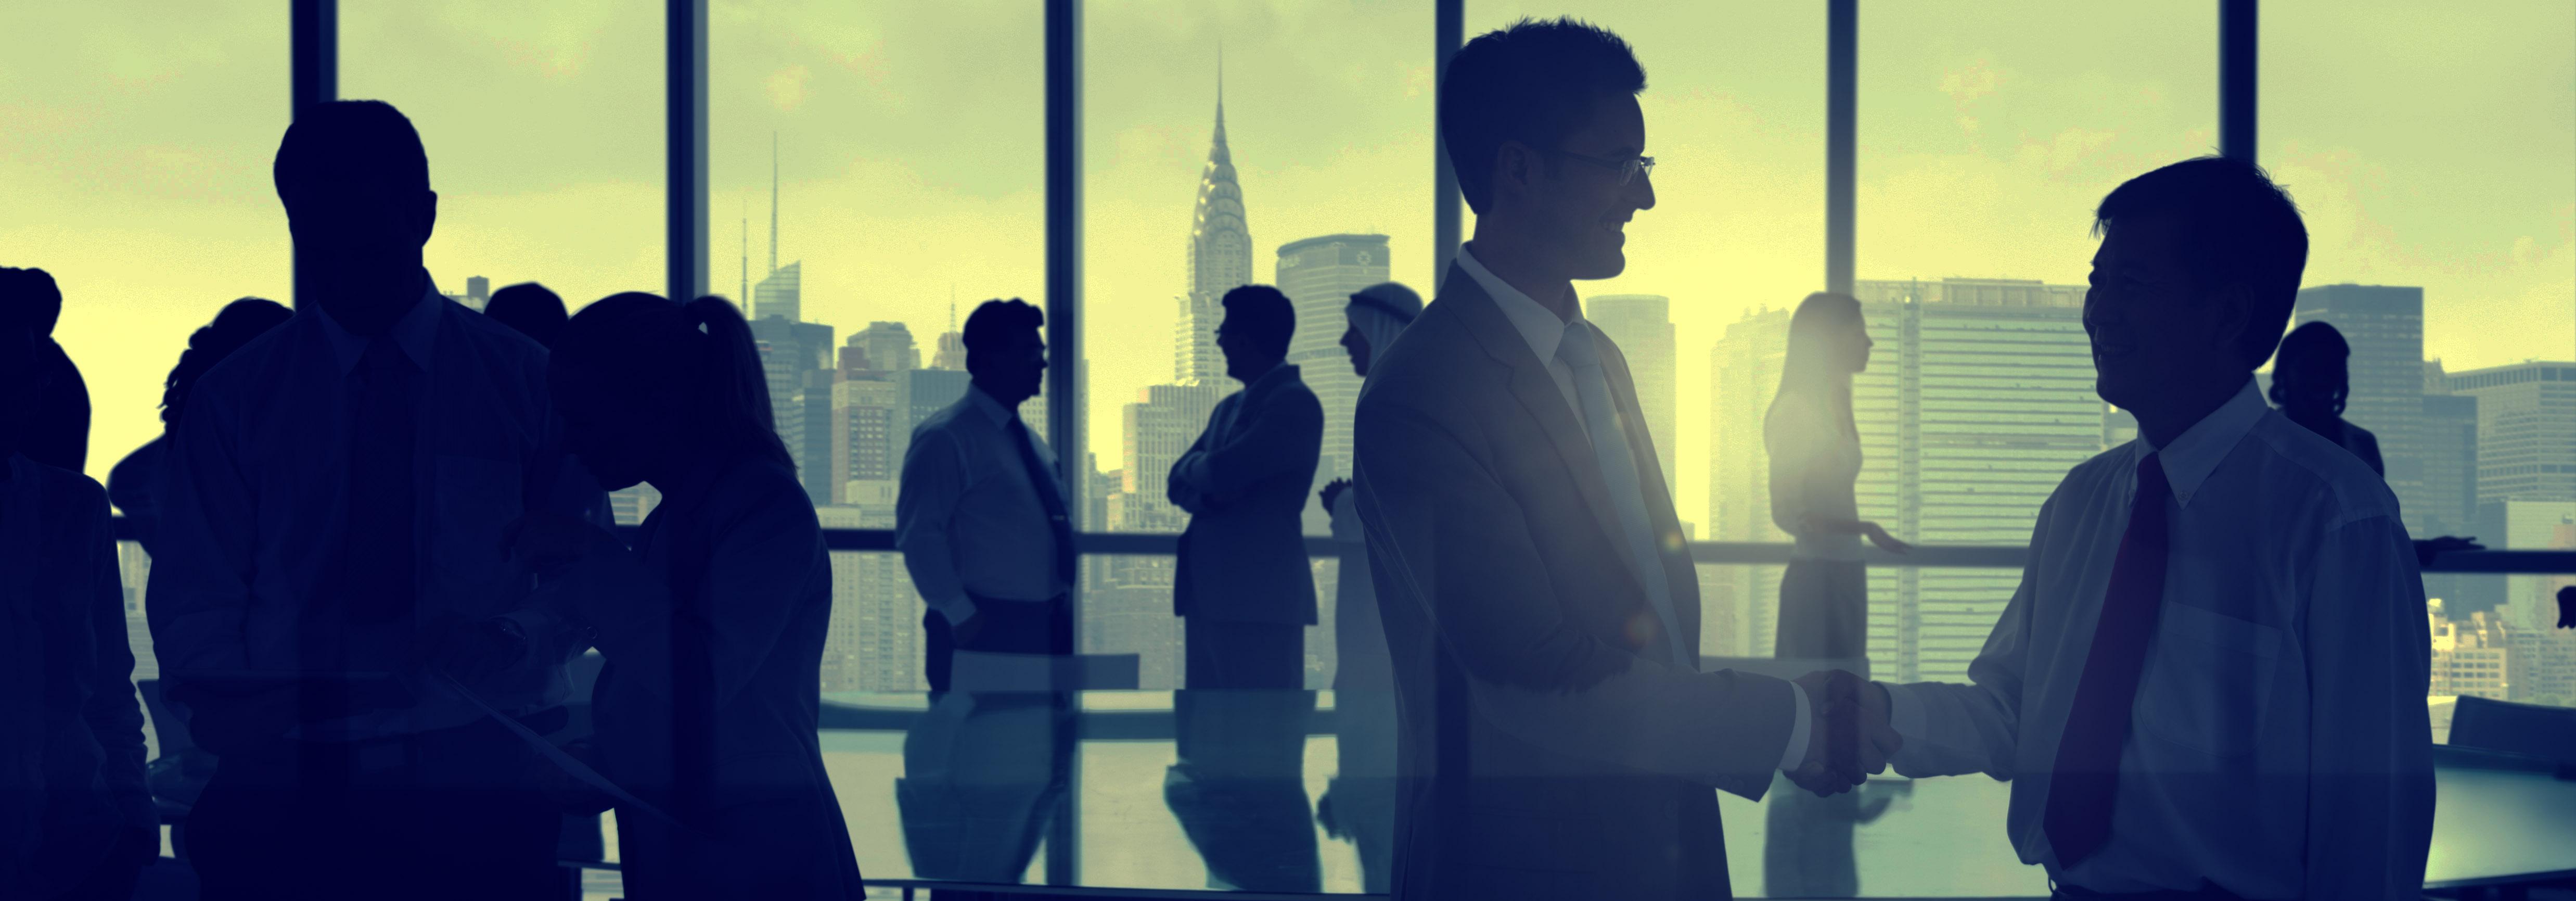 Krijg jij als ondernemer weinig klanten?